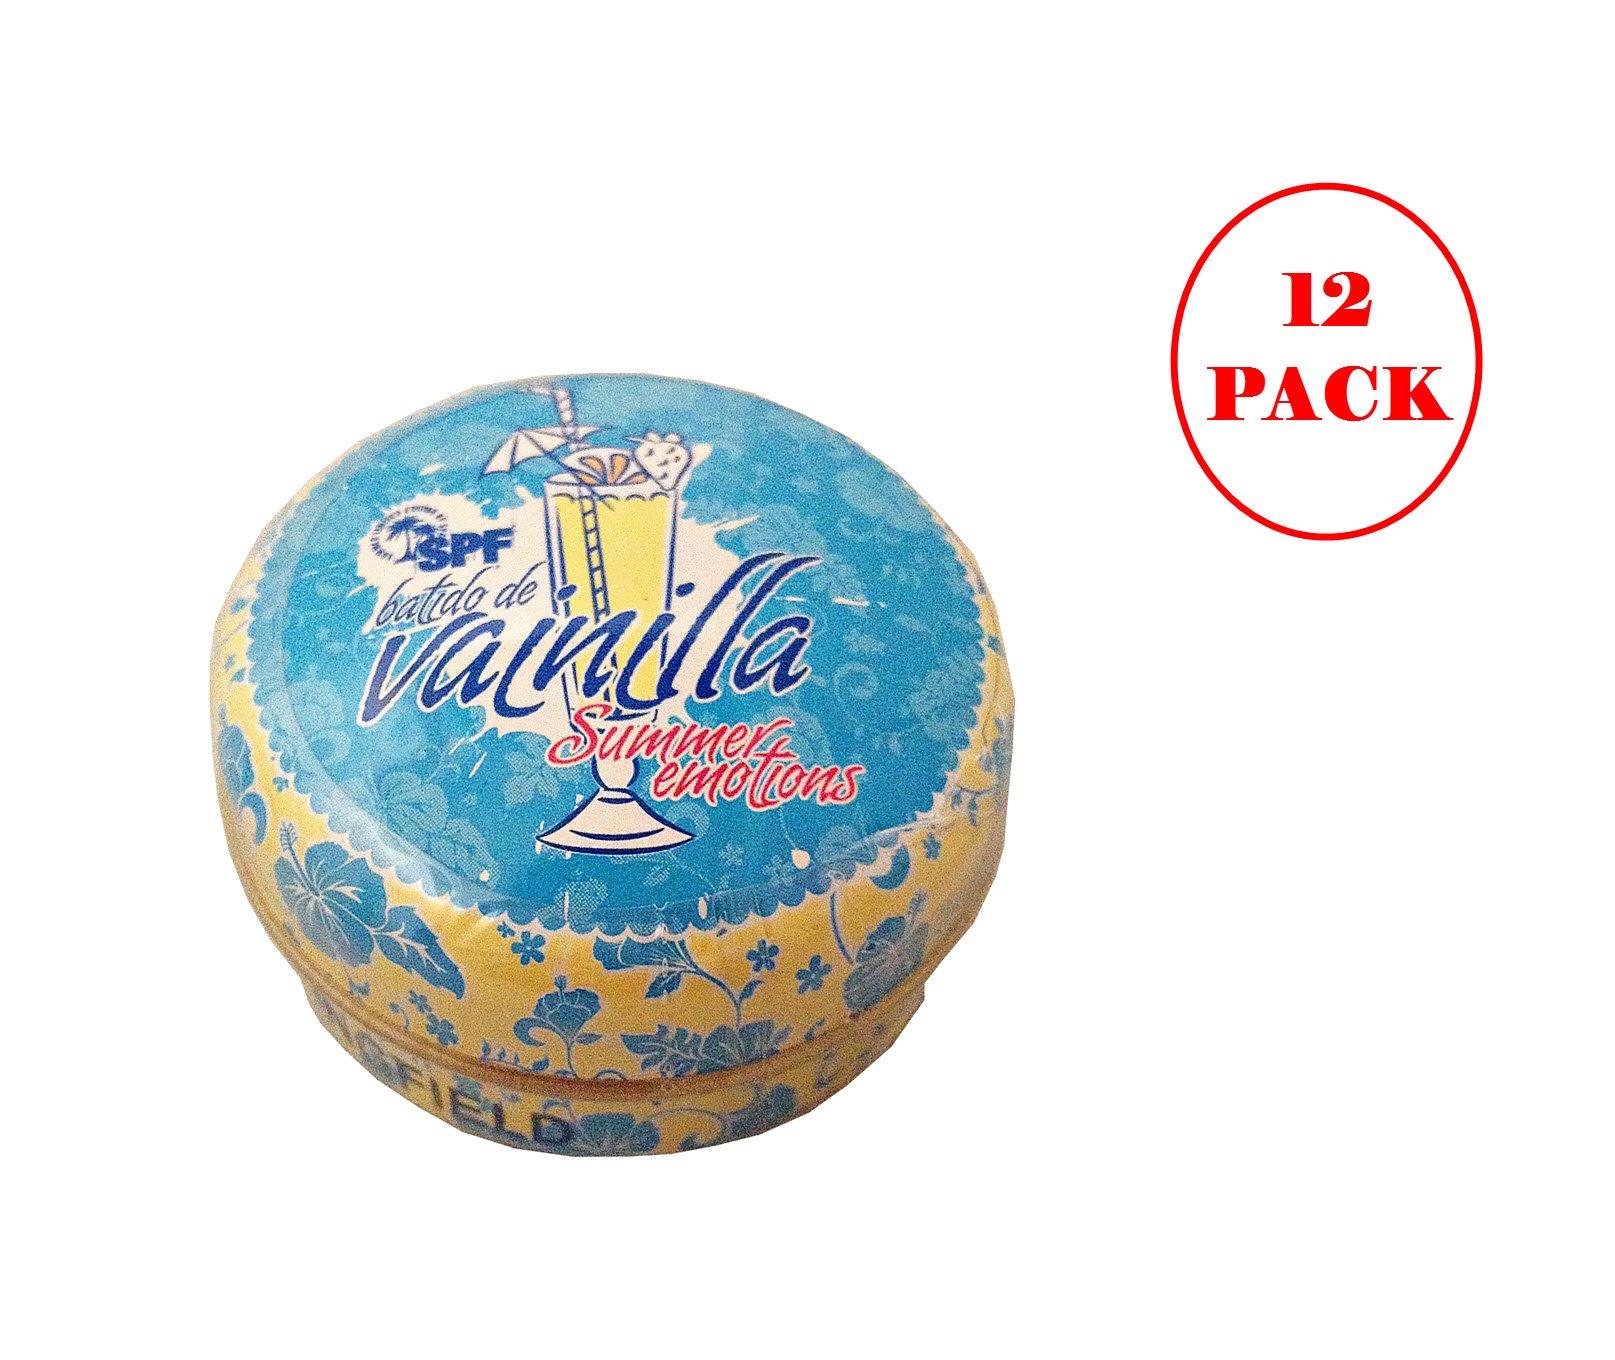 Springfield Batido De Vainilla/Vanilla Milkshake Lip Balm 15ml. Pack of 12